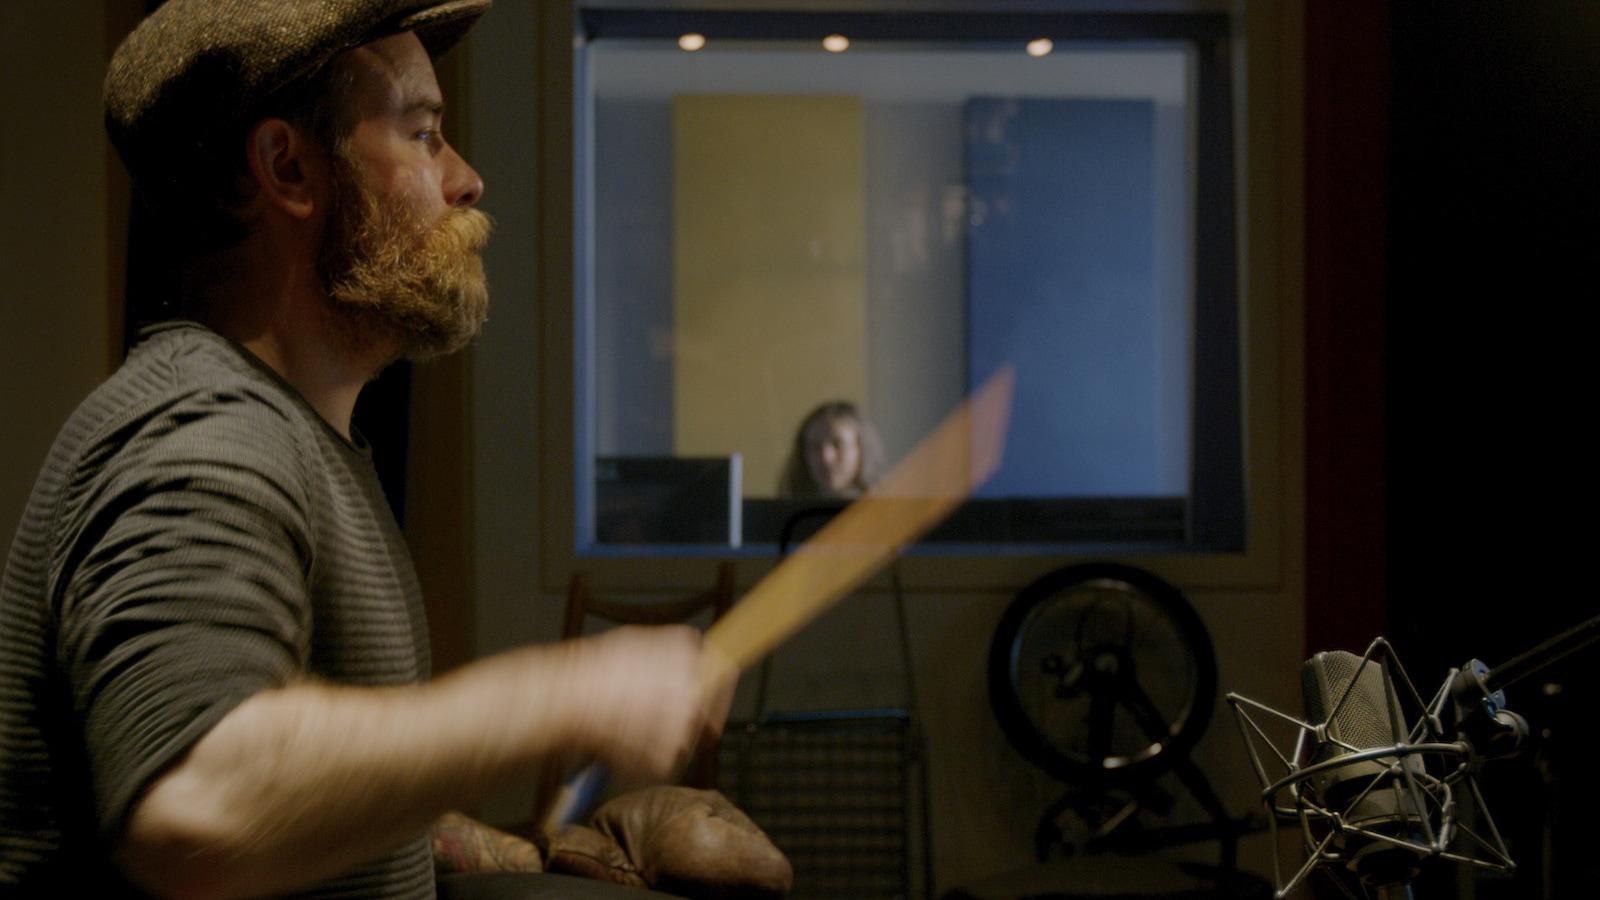 Geräusche atelier - Kein noch so gut ausgestattetes Geräuscharchiv kann die Arbeit eines Geräuschemachers - Foley Artist – ersetzen. Hier wird Euren Werken in echter Hand- und Fußarbeit der ganz eigene Klang verliehen.